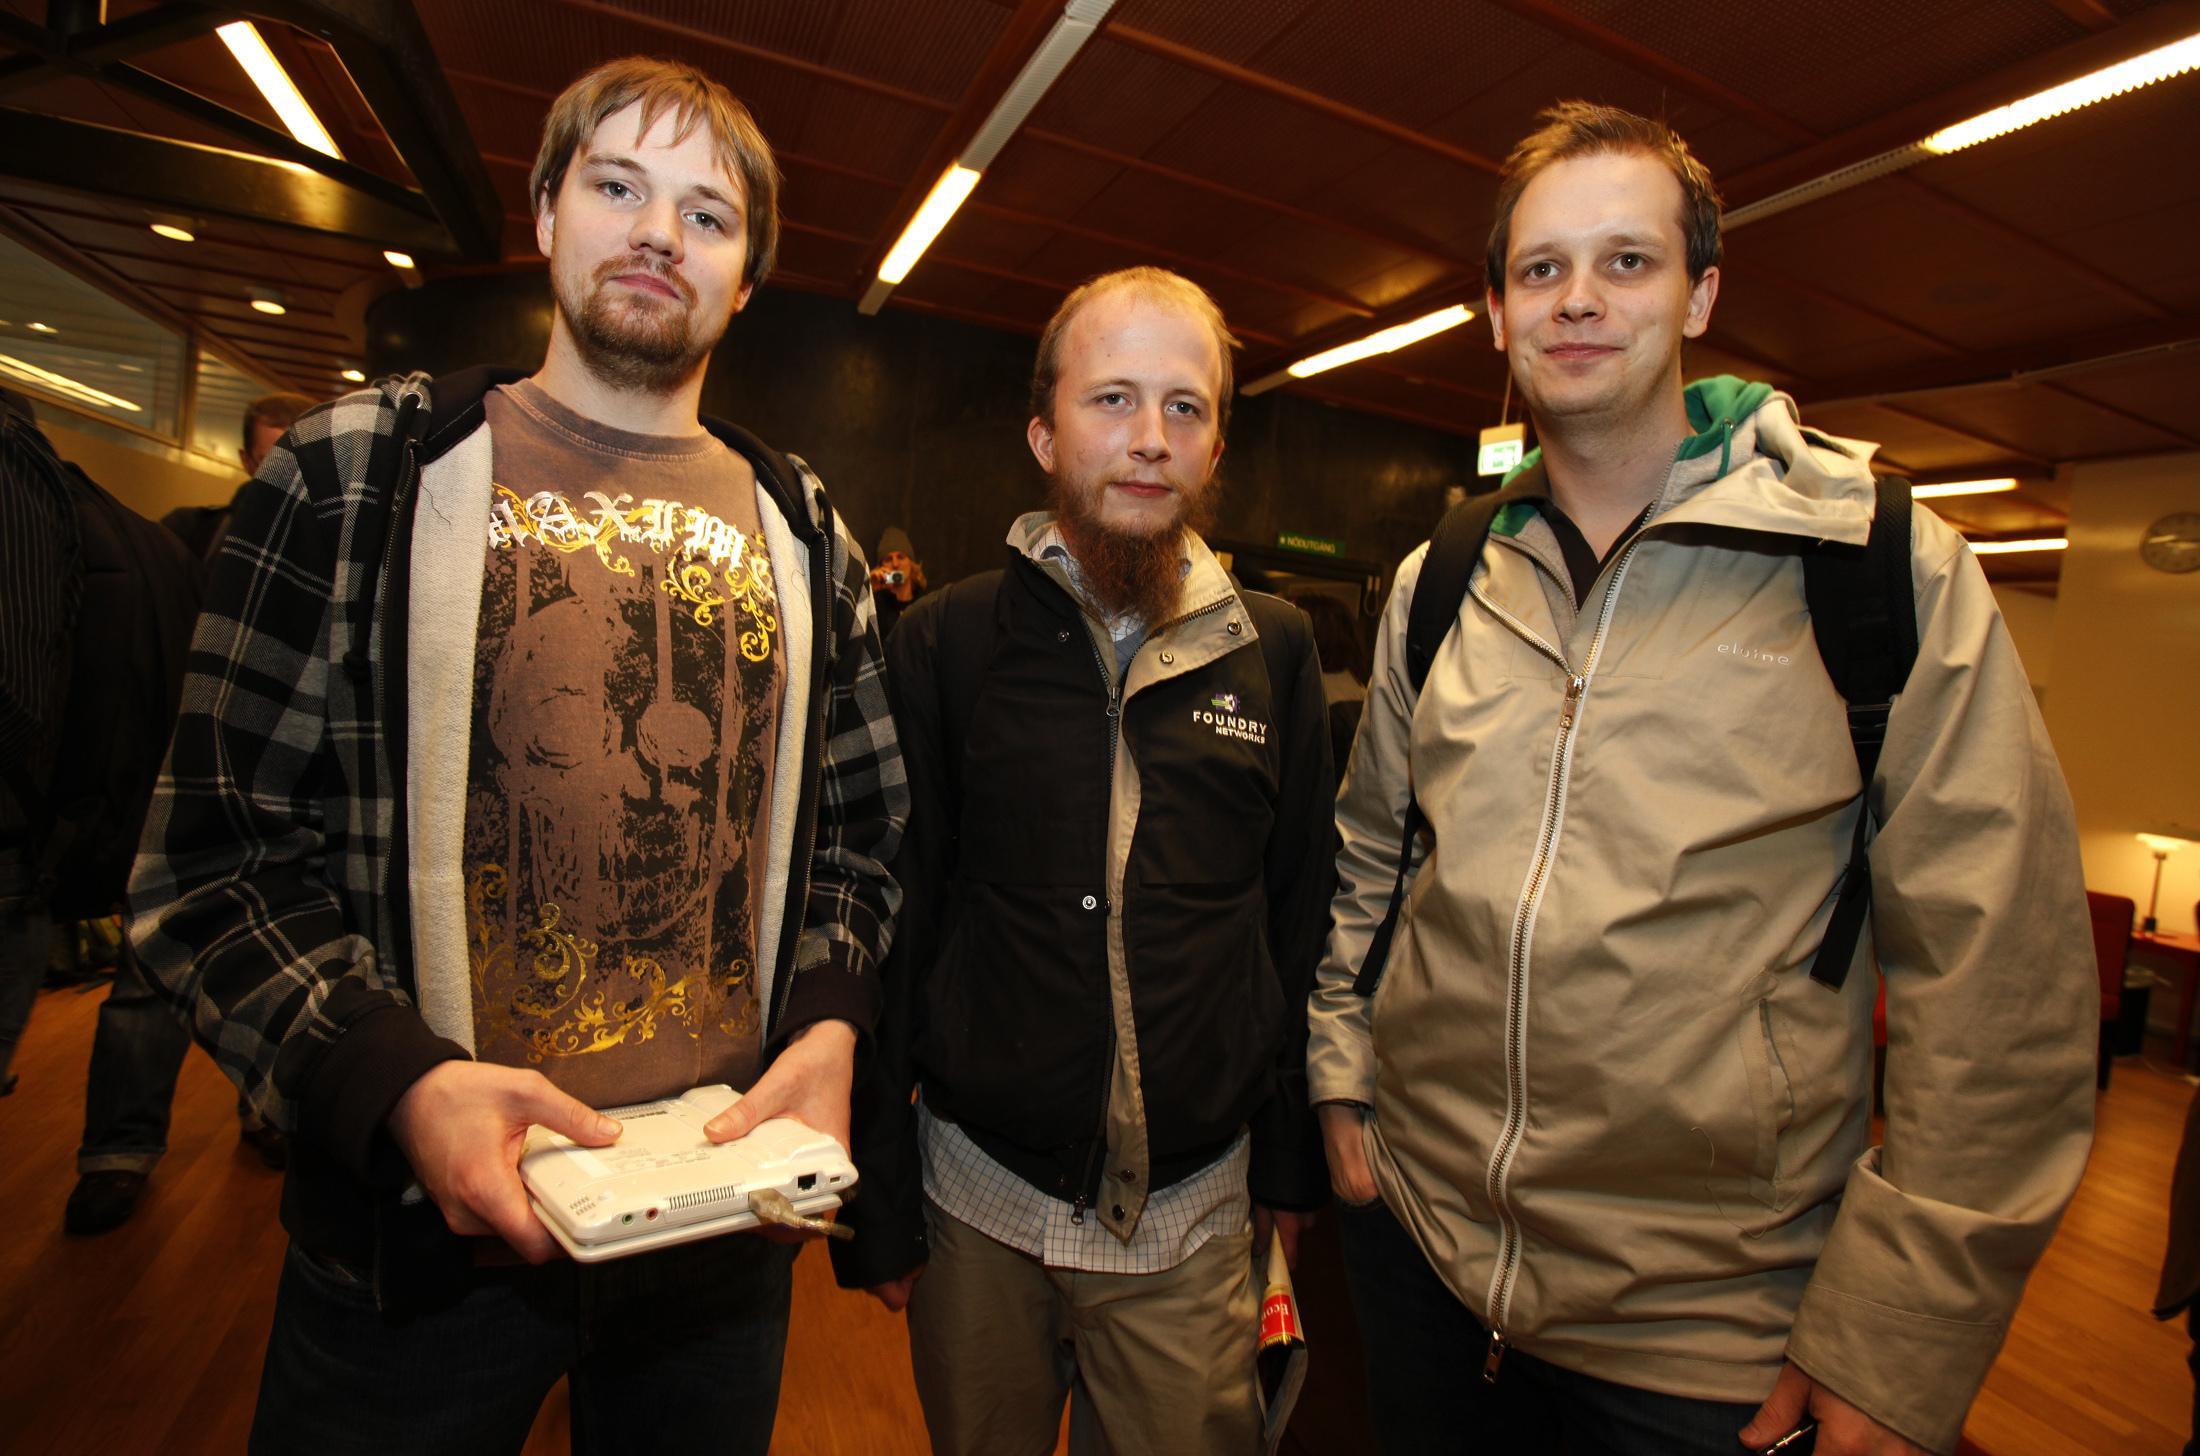 У основателей The Pirate Bay снова проблемы: финский суд постановил выплатить $477000 в пользу правообладателей